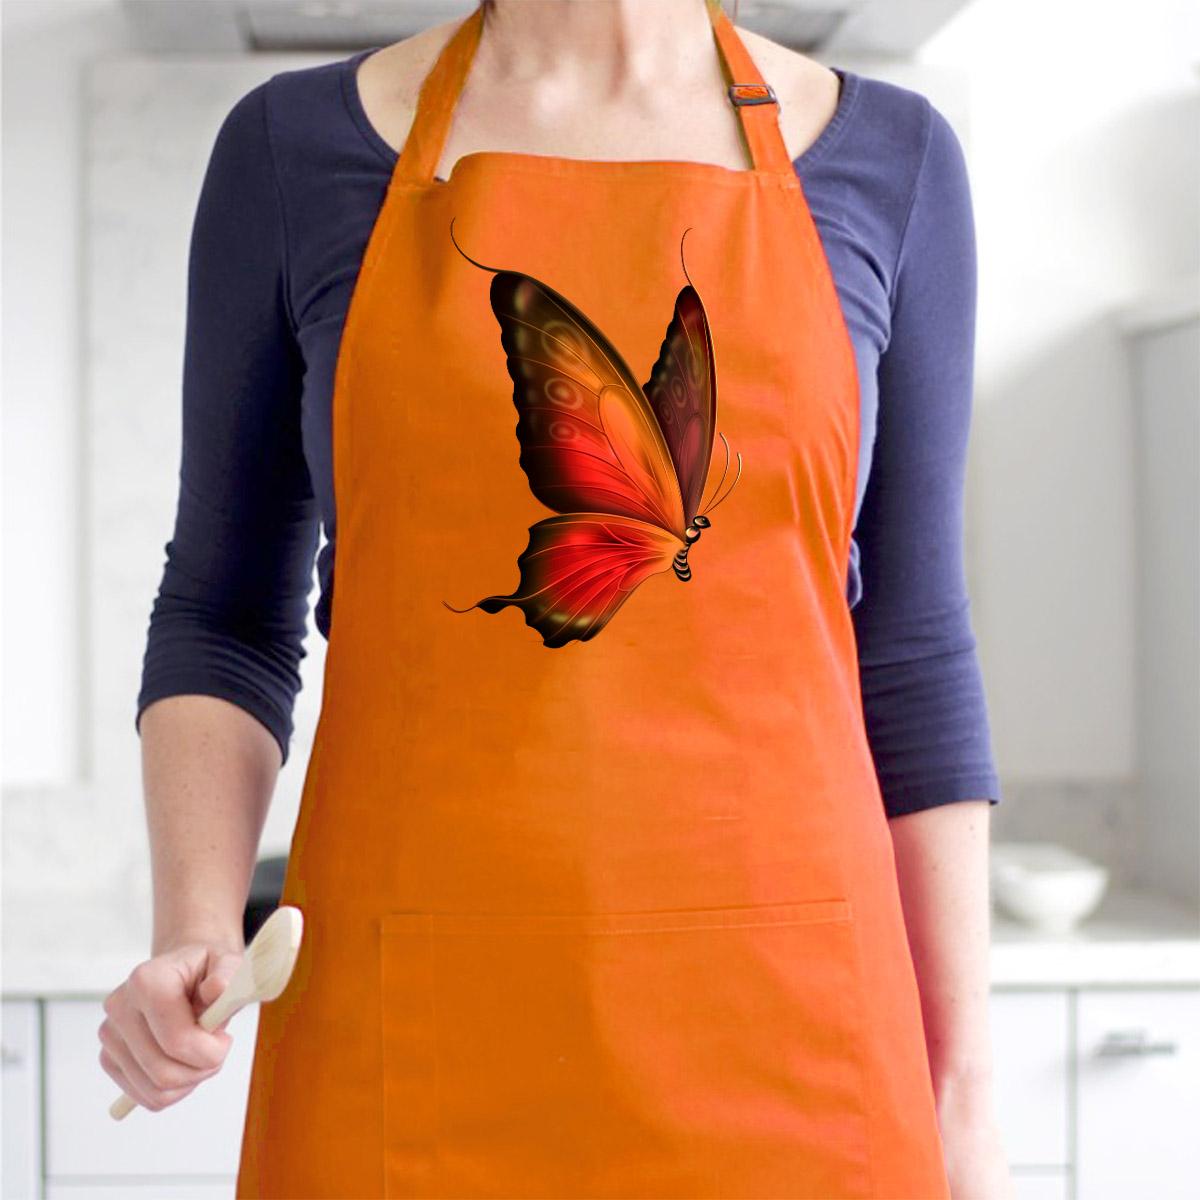 Tạp Dề Làm Bếp In Hình Bướm Nghệ Thuật  Tuyệt Đẹp - Mẫu016